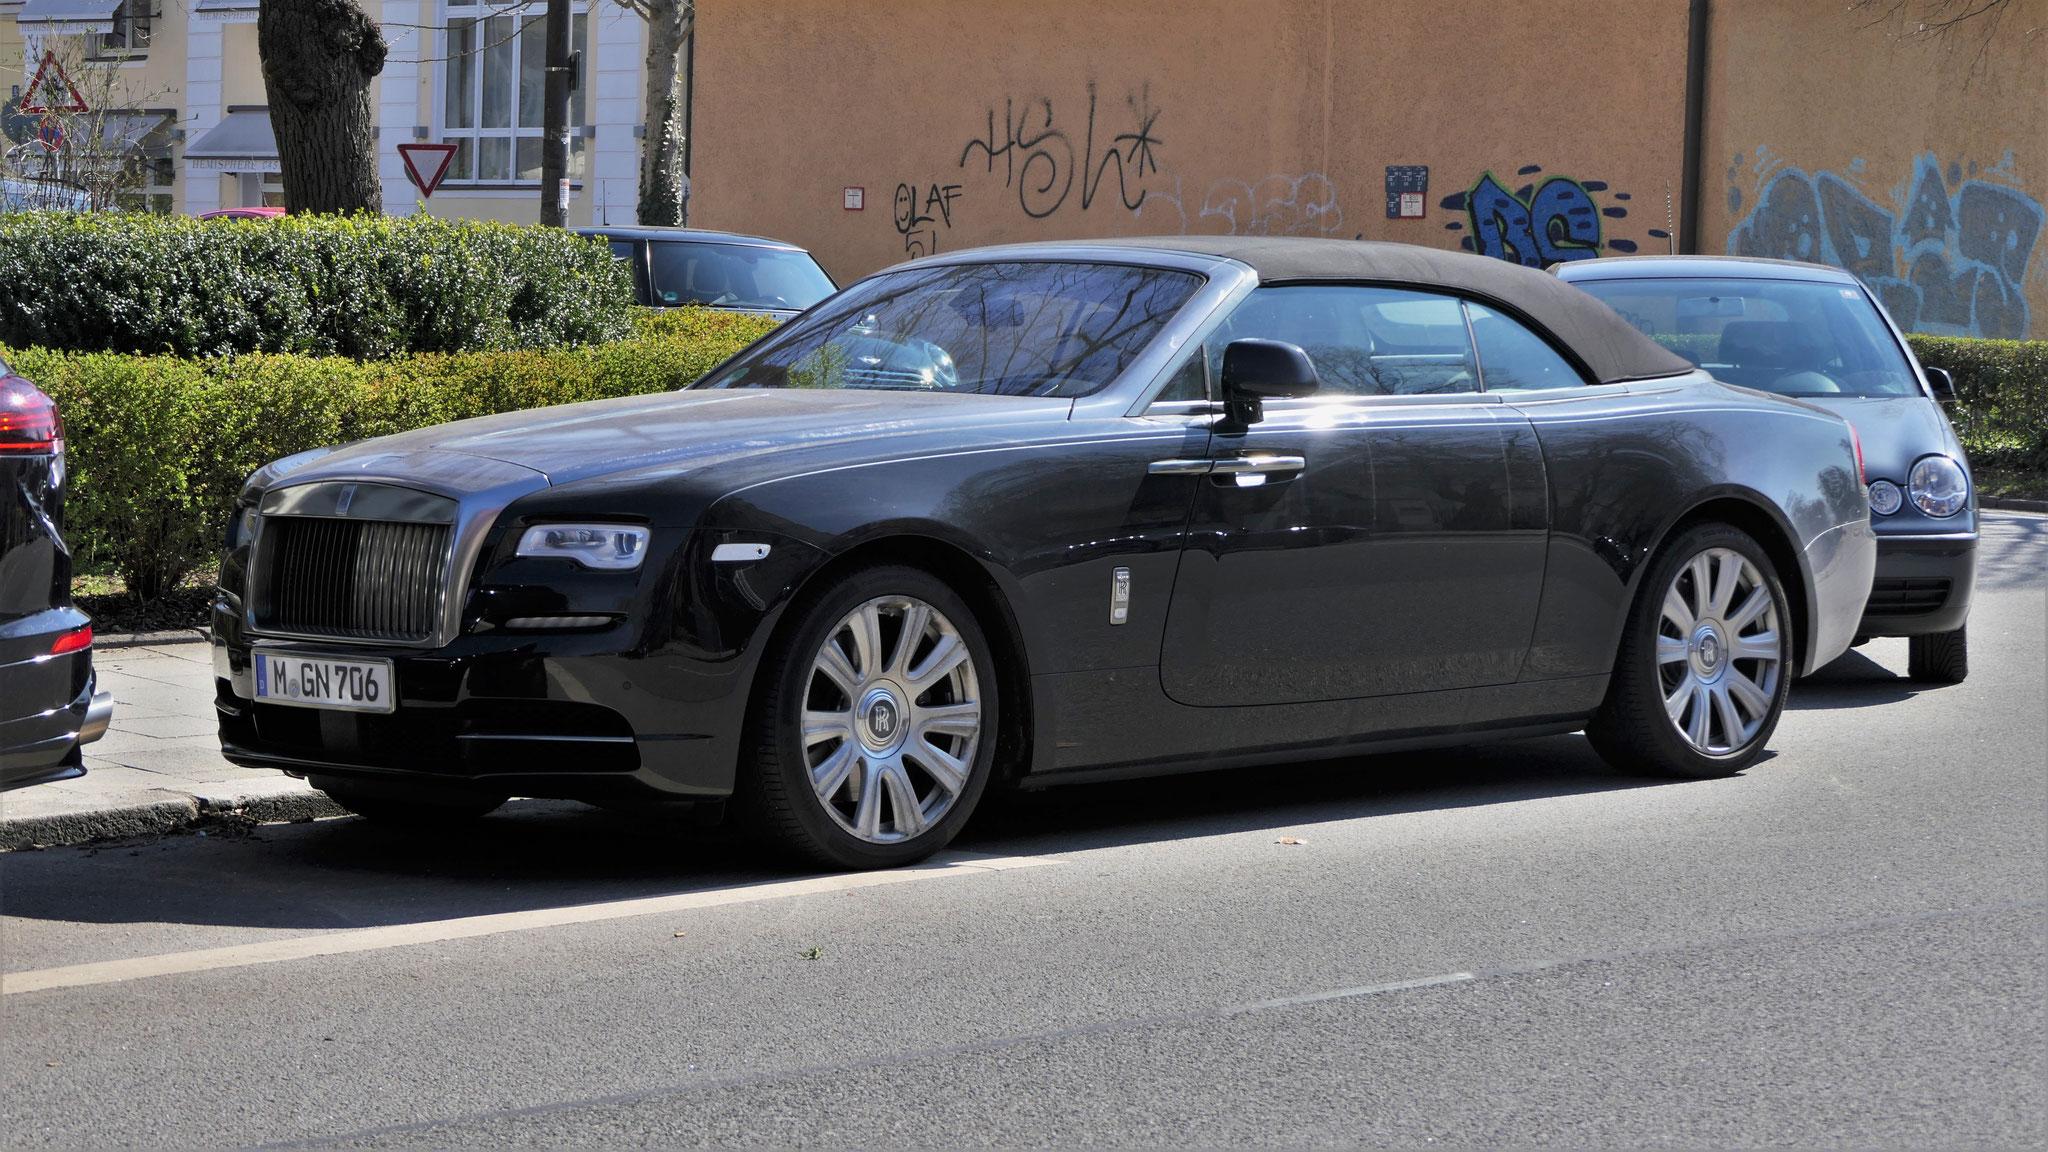 Rolls Royce Dawn - M-GN-706